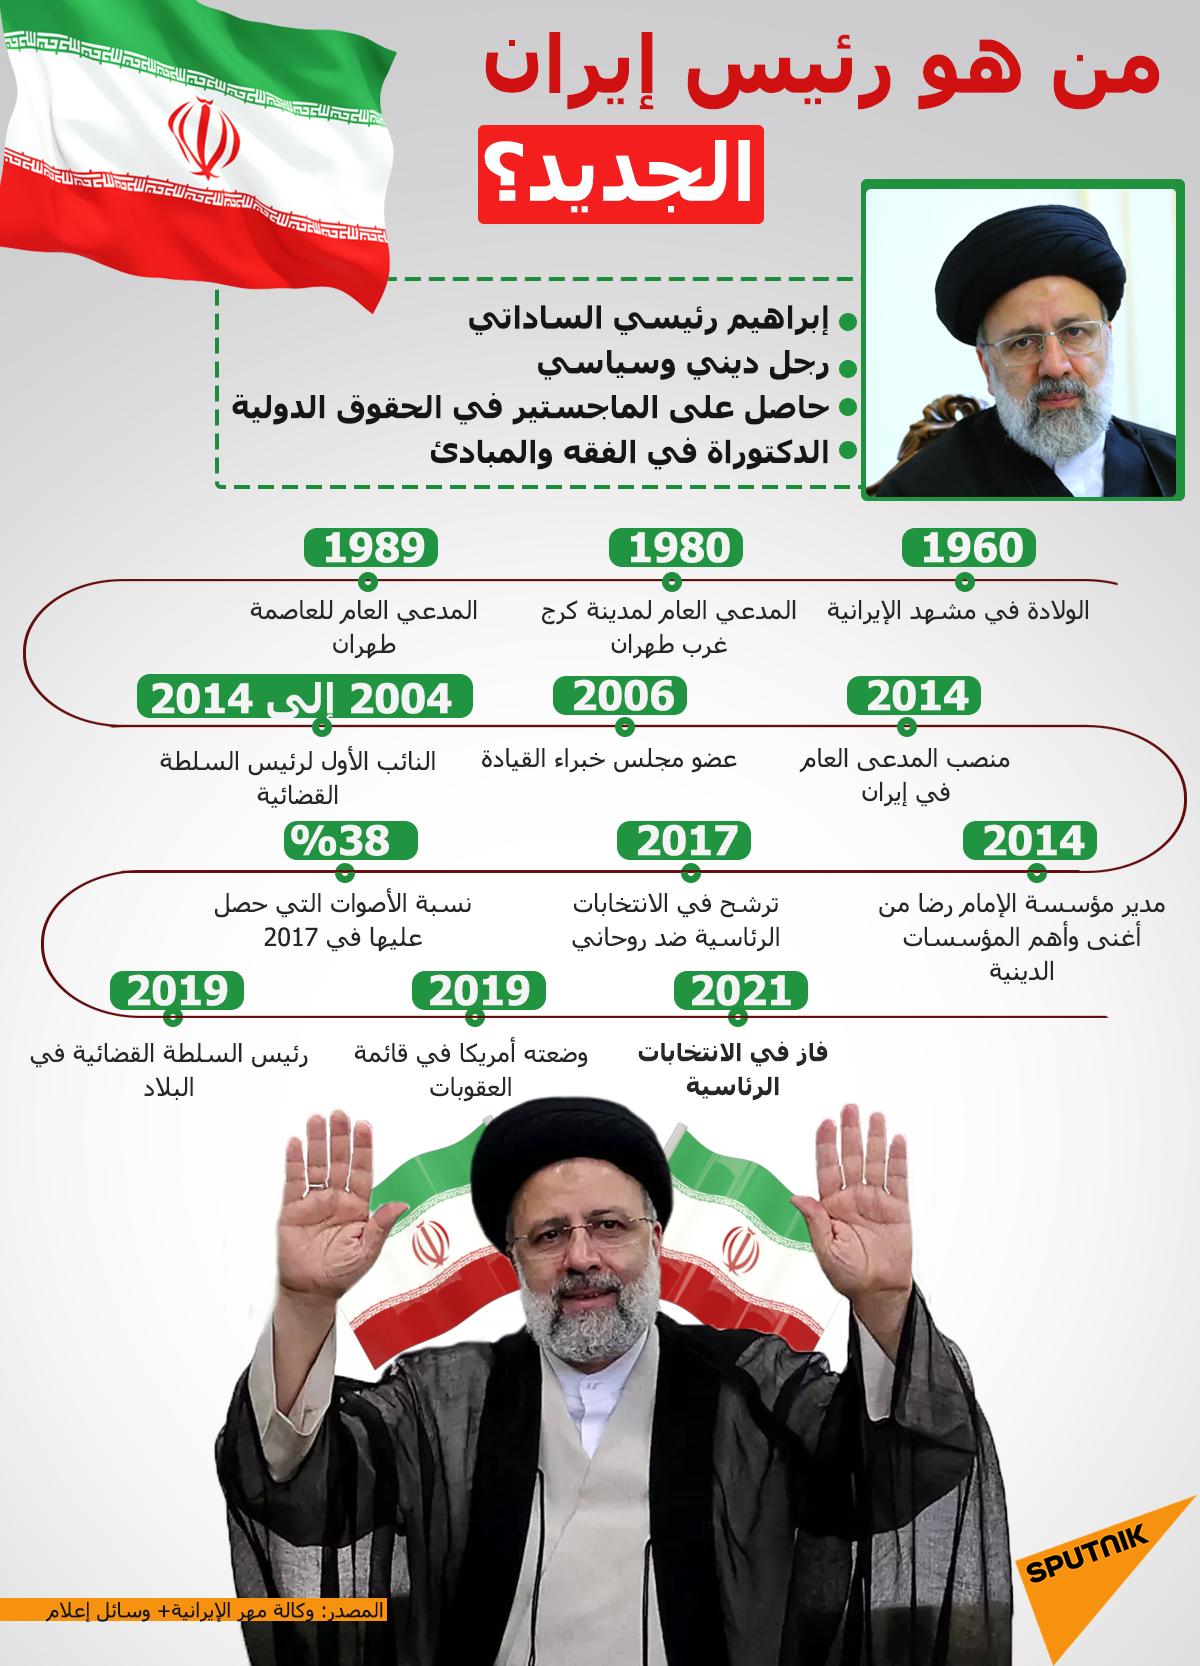 من هو رئيس إيران الجديد؟